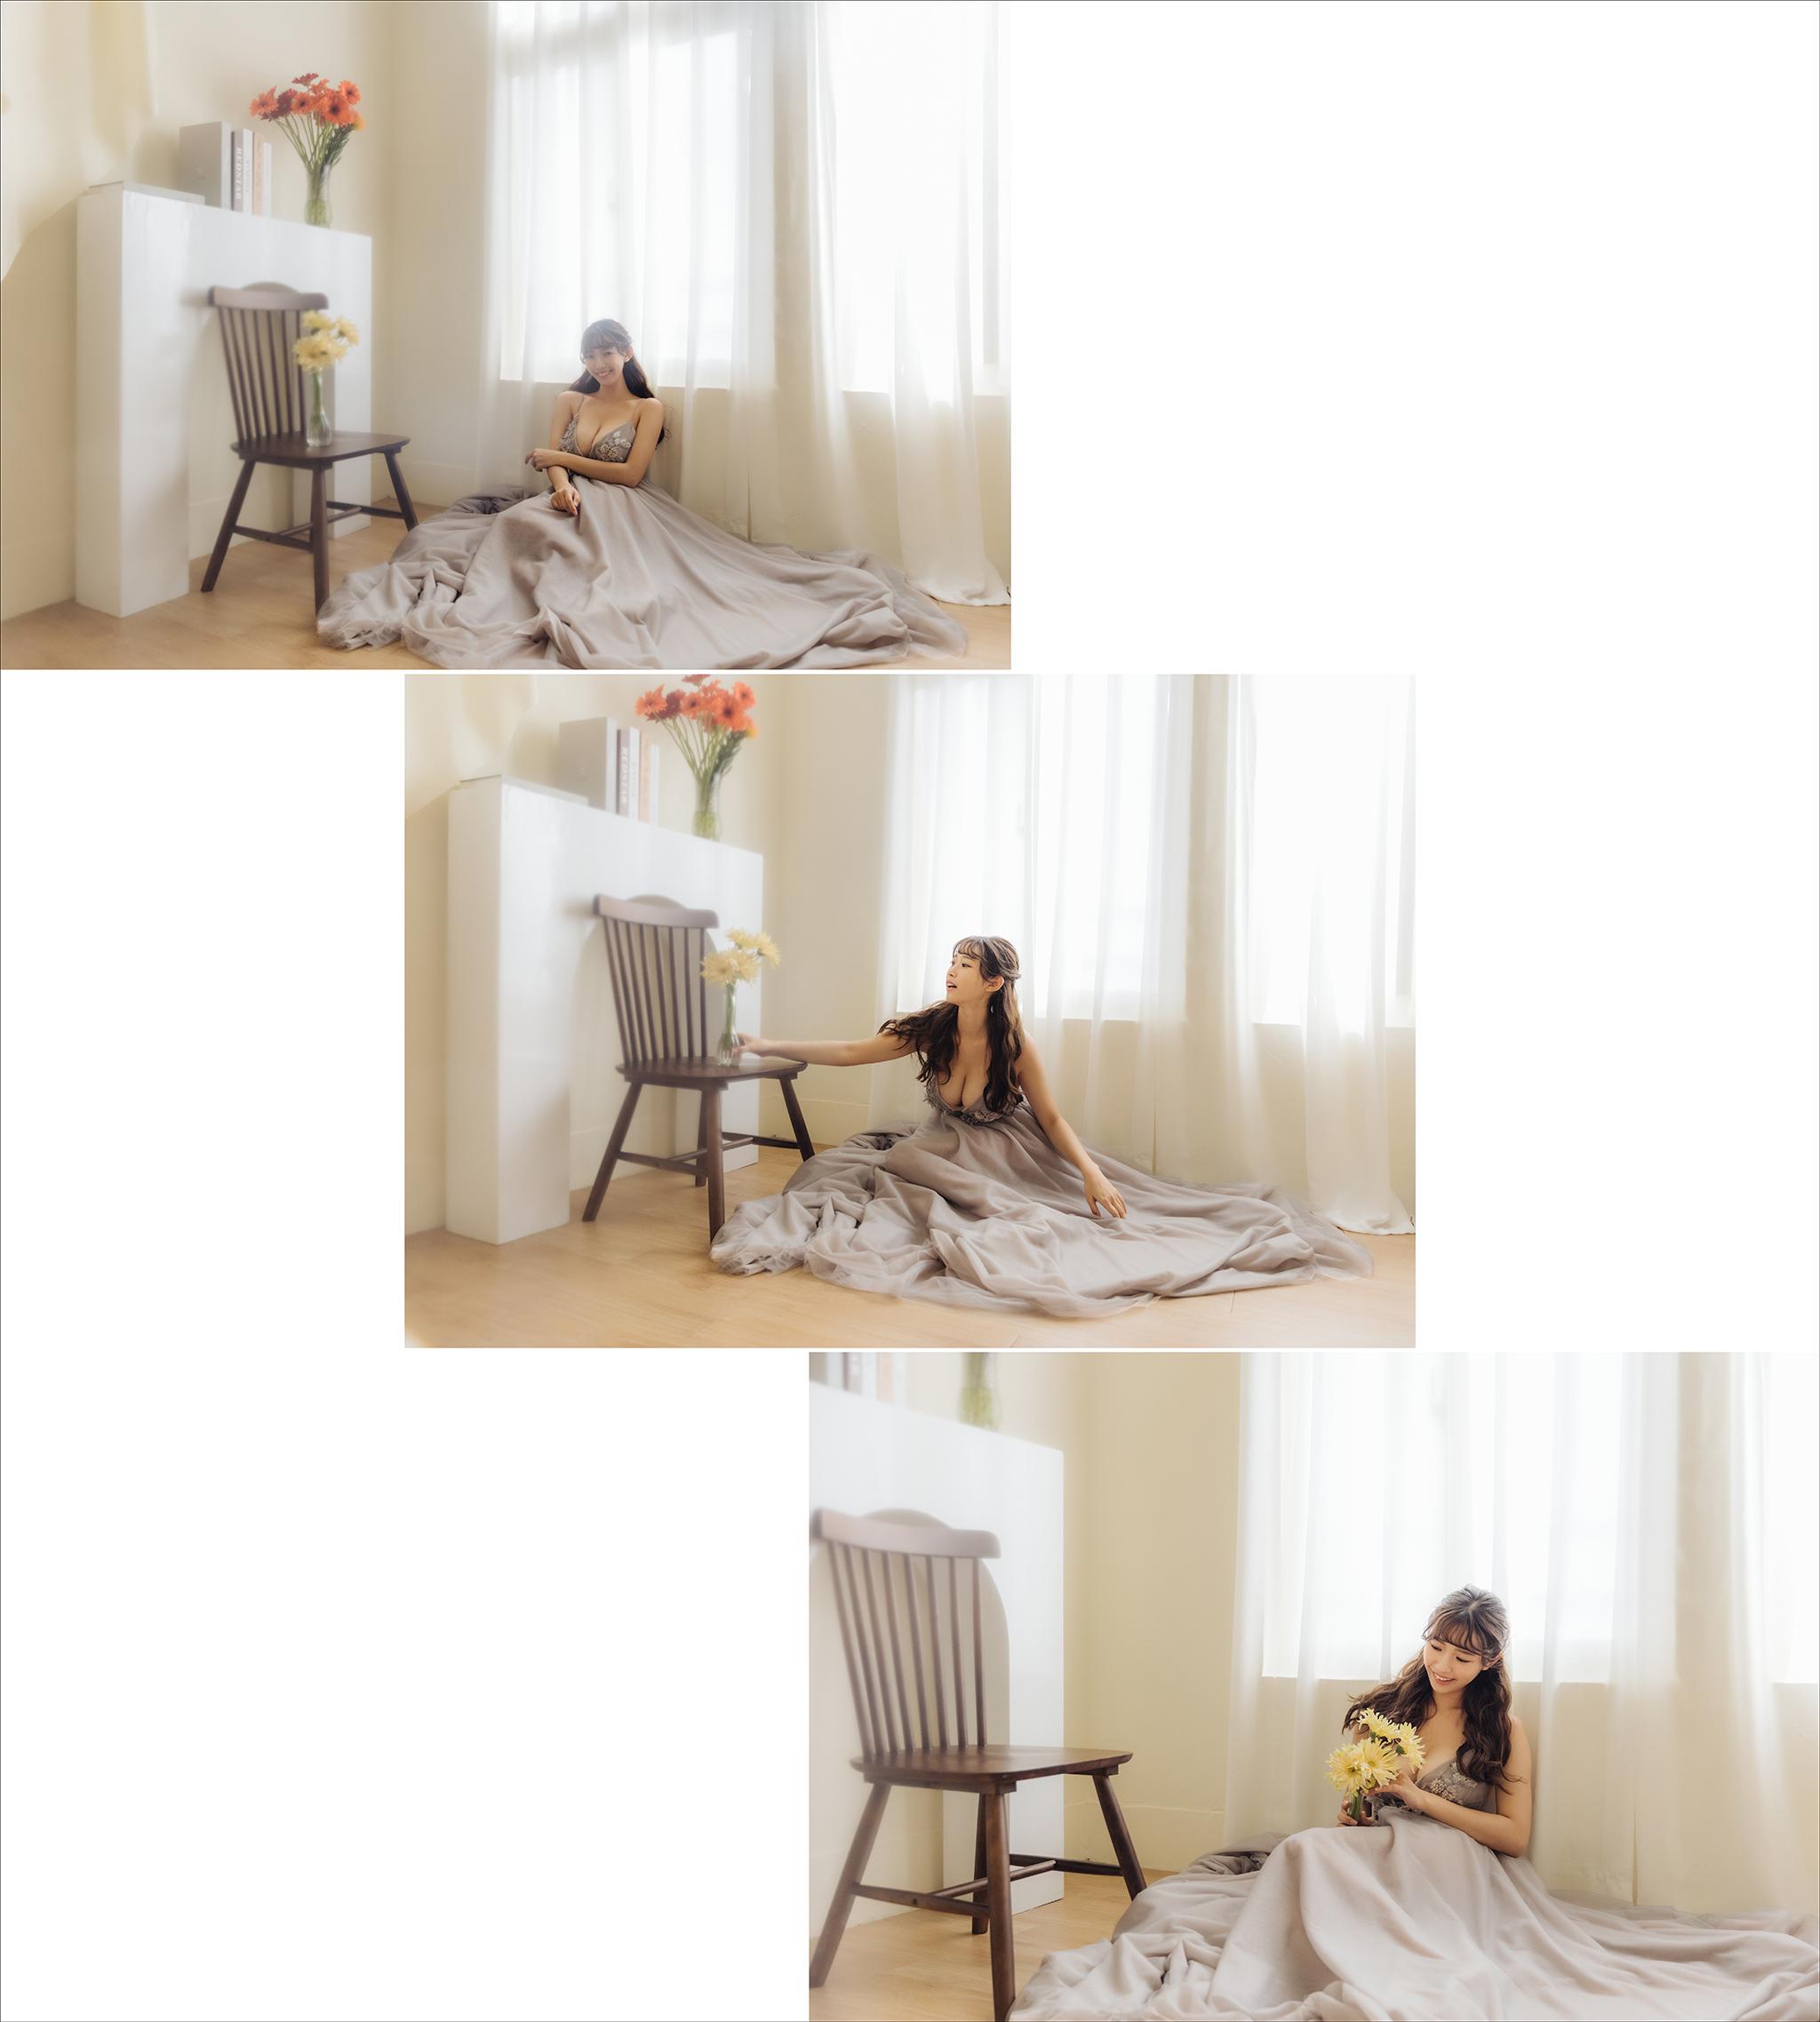 51578373550 9b024b539d o - 【自主婚紗】+江jiang+